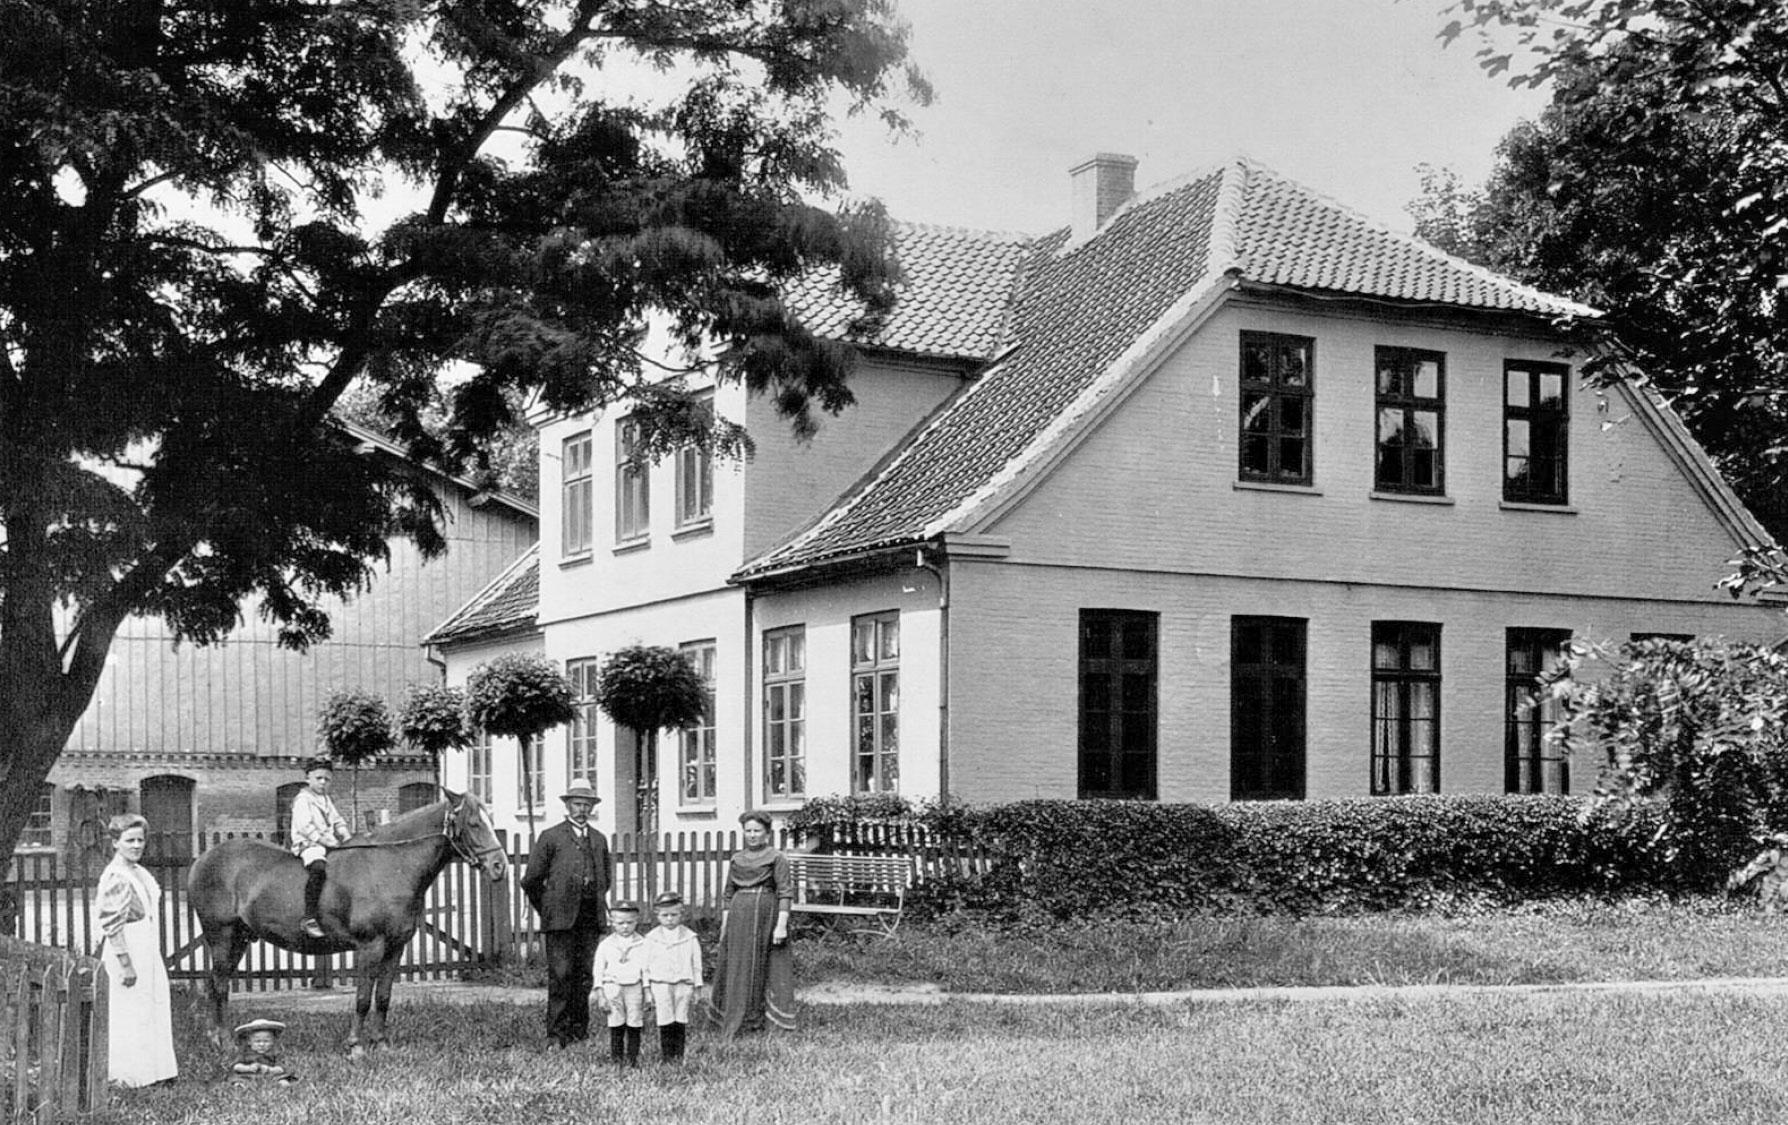 dorf_bilder/Chronik-Hennstedt-187.jpg